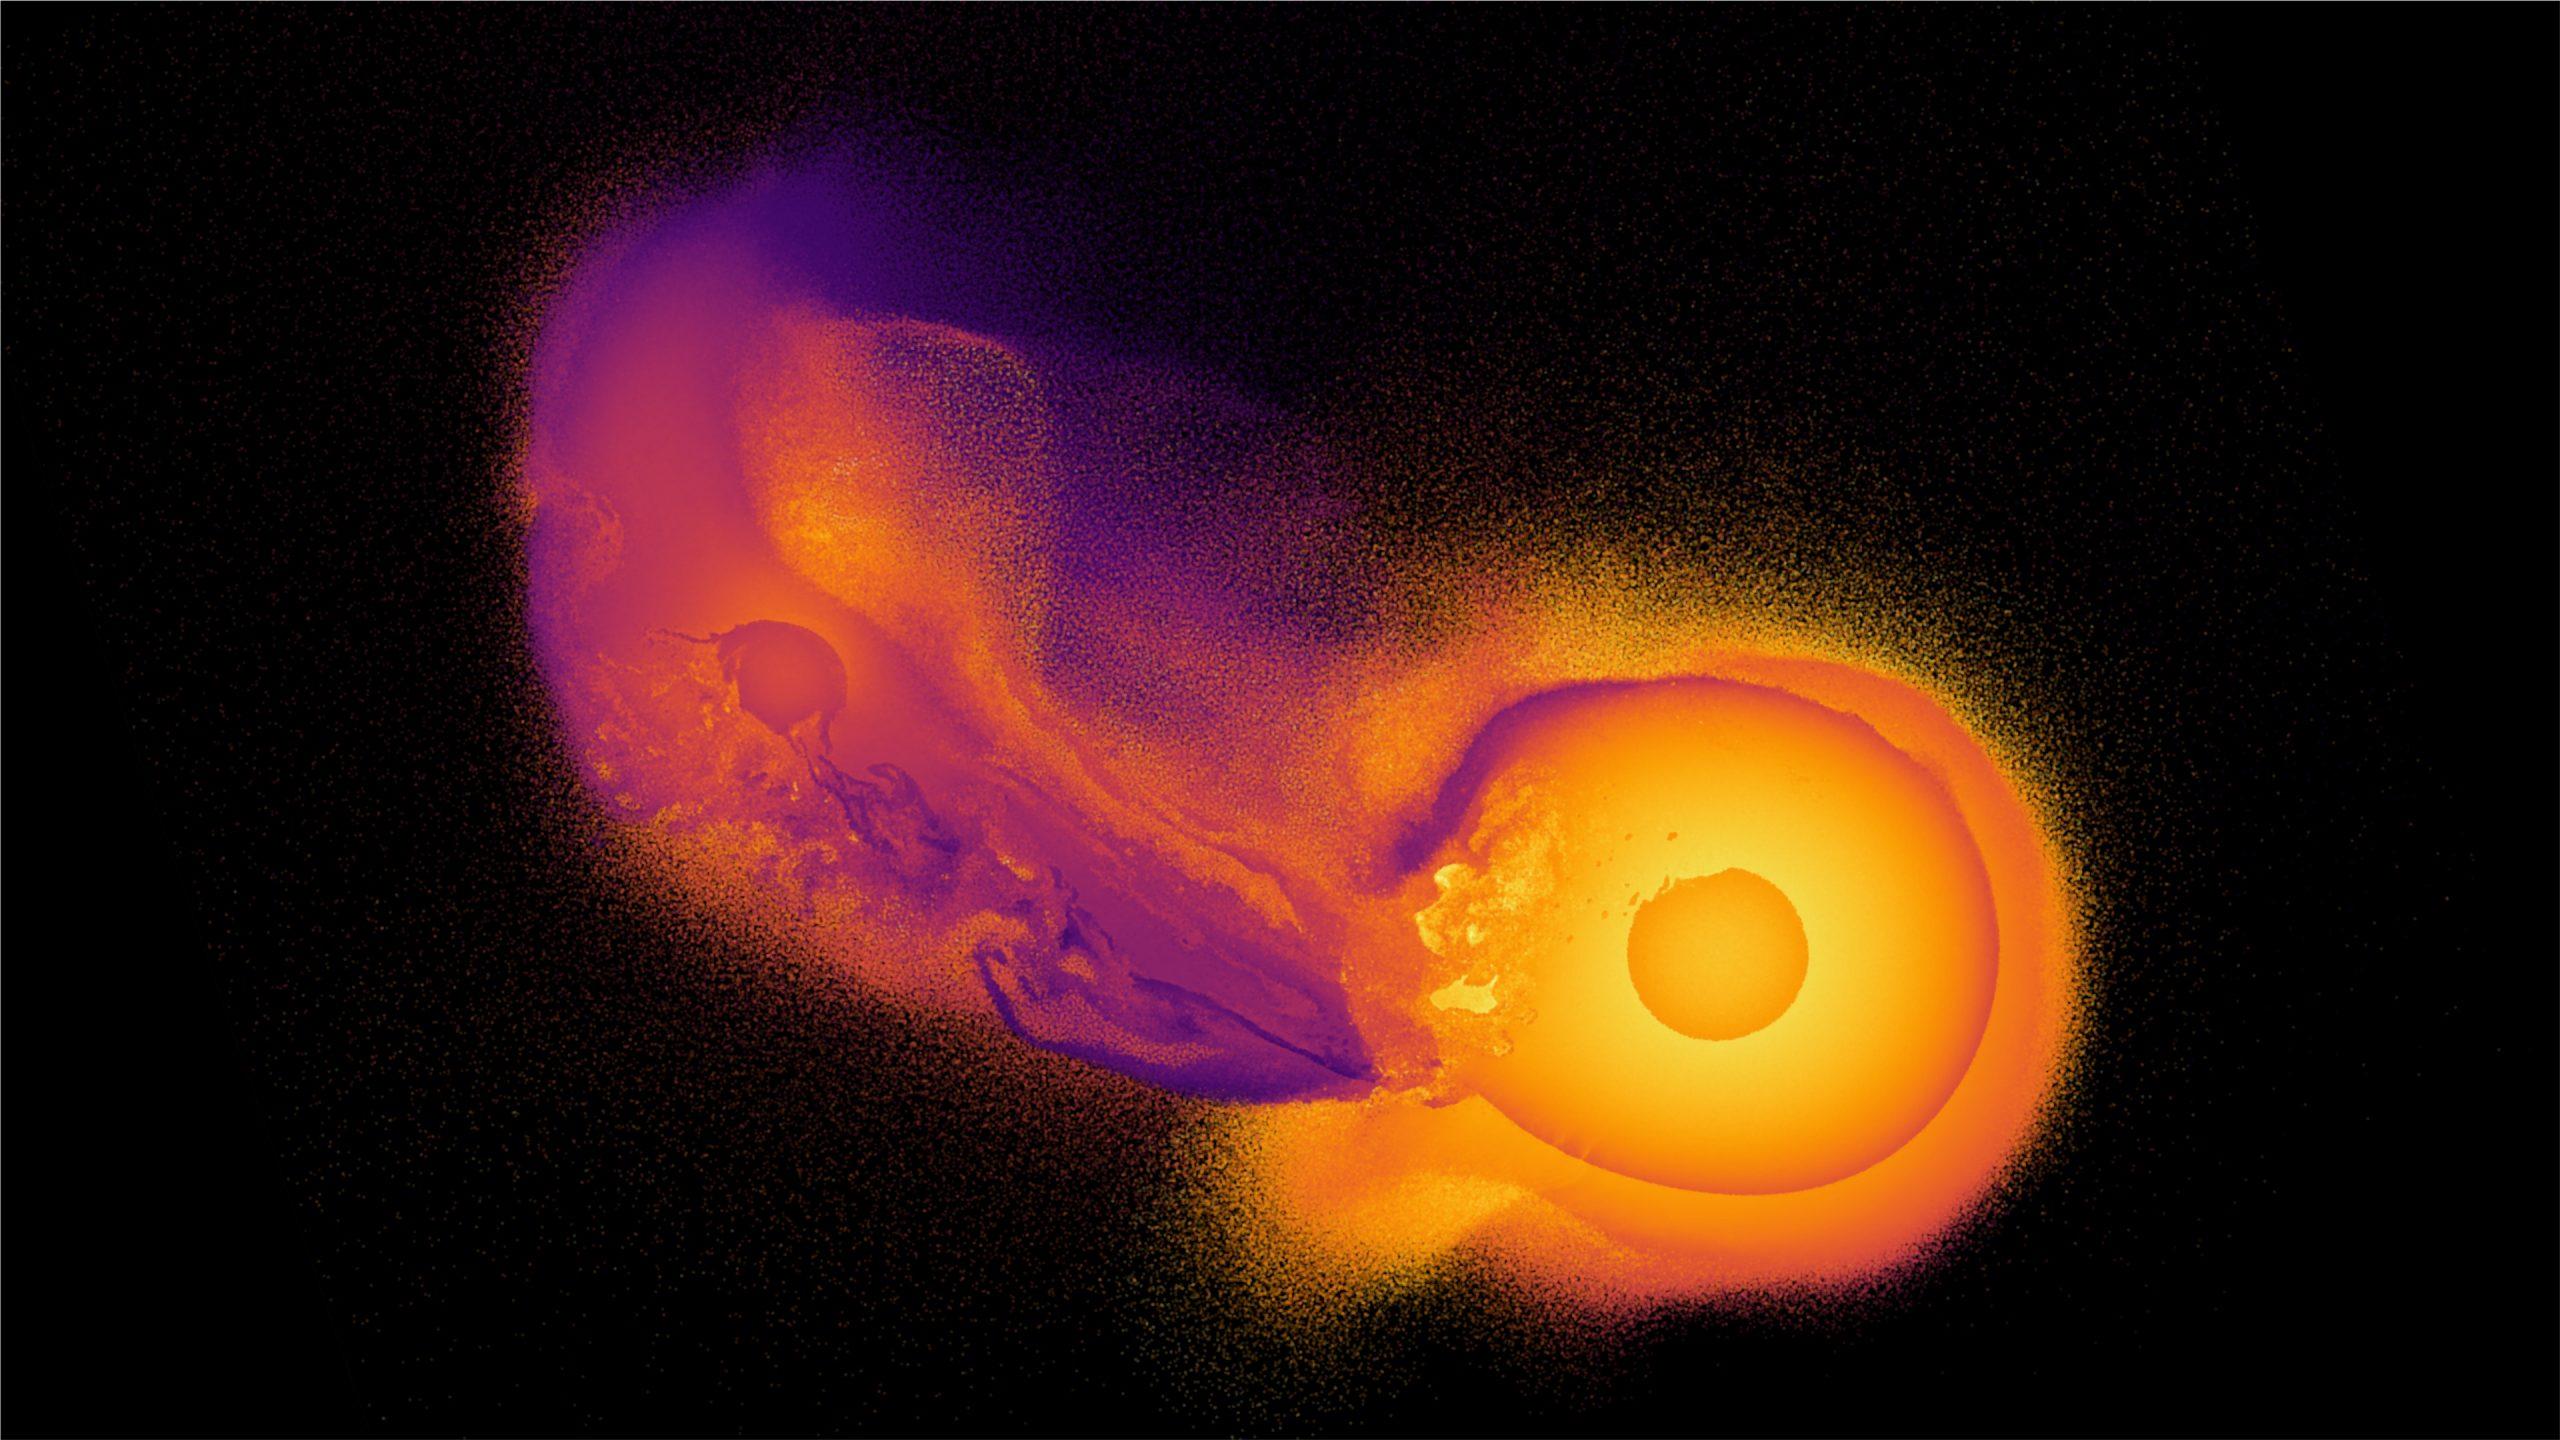 الذي كوكب أورانوس جانبه؟ PBeGDWb3xhJyvtYp8ivA